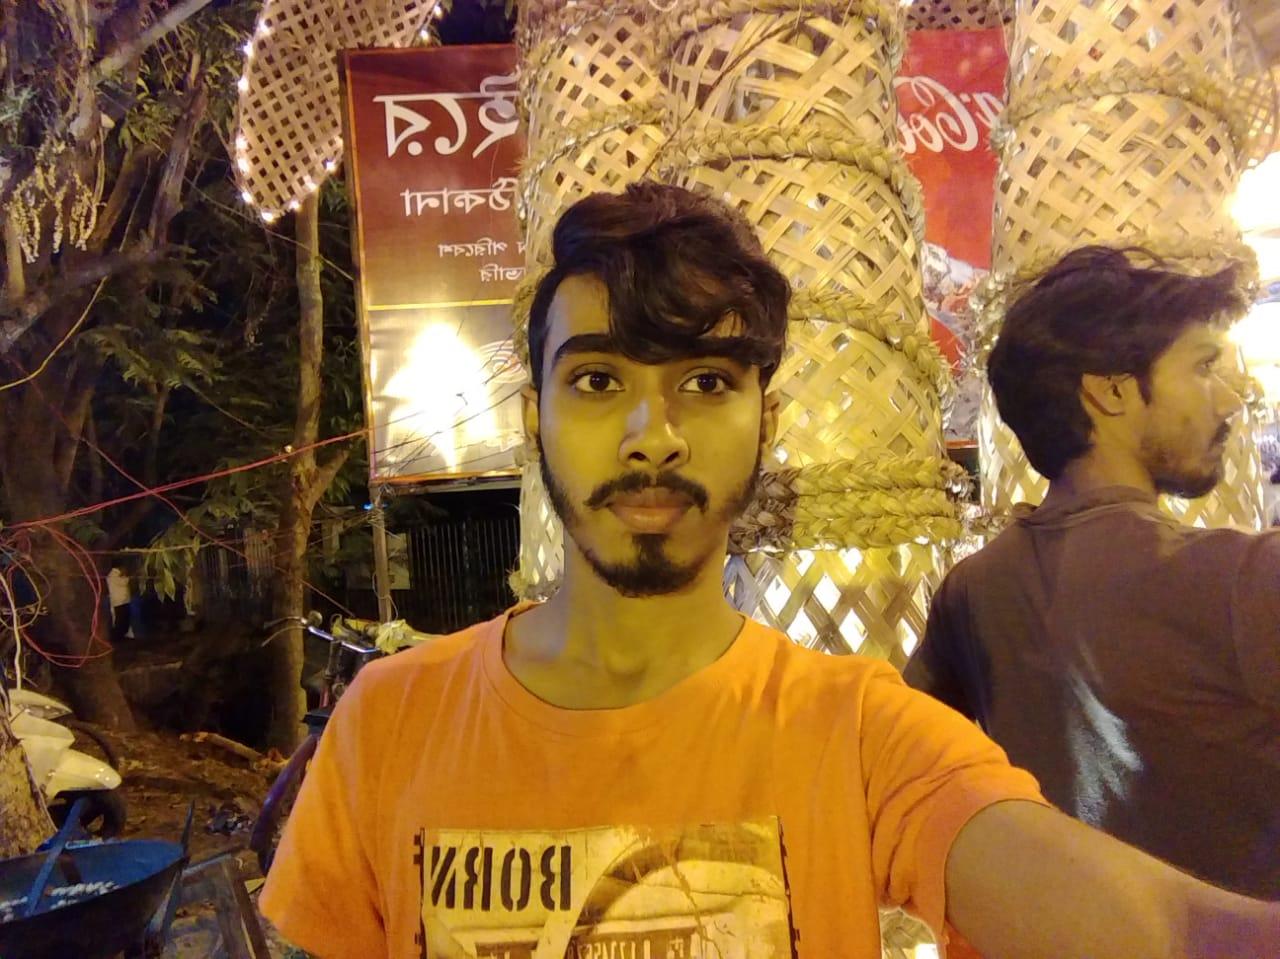 Sayan Jana, Sayan Kumar Jana